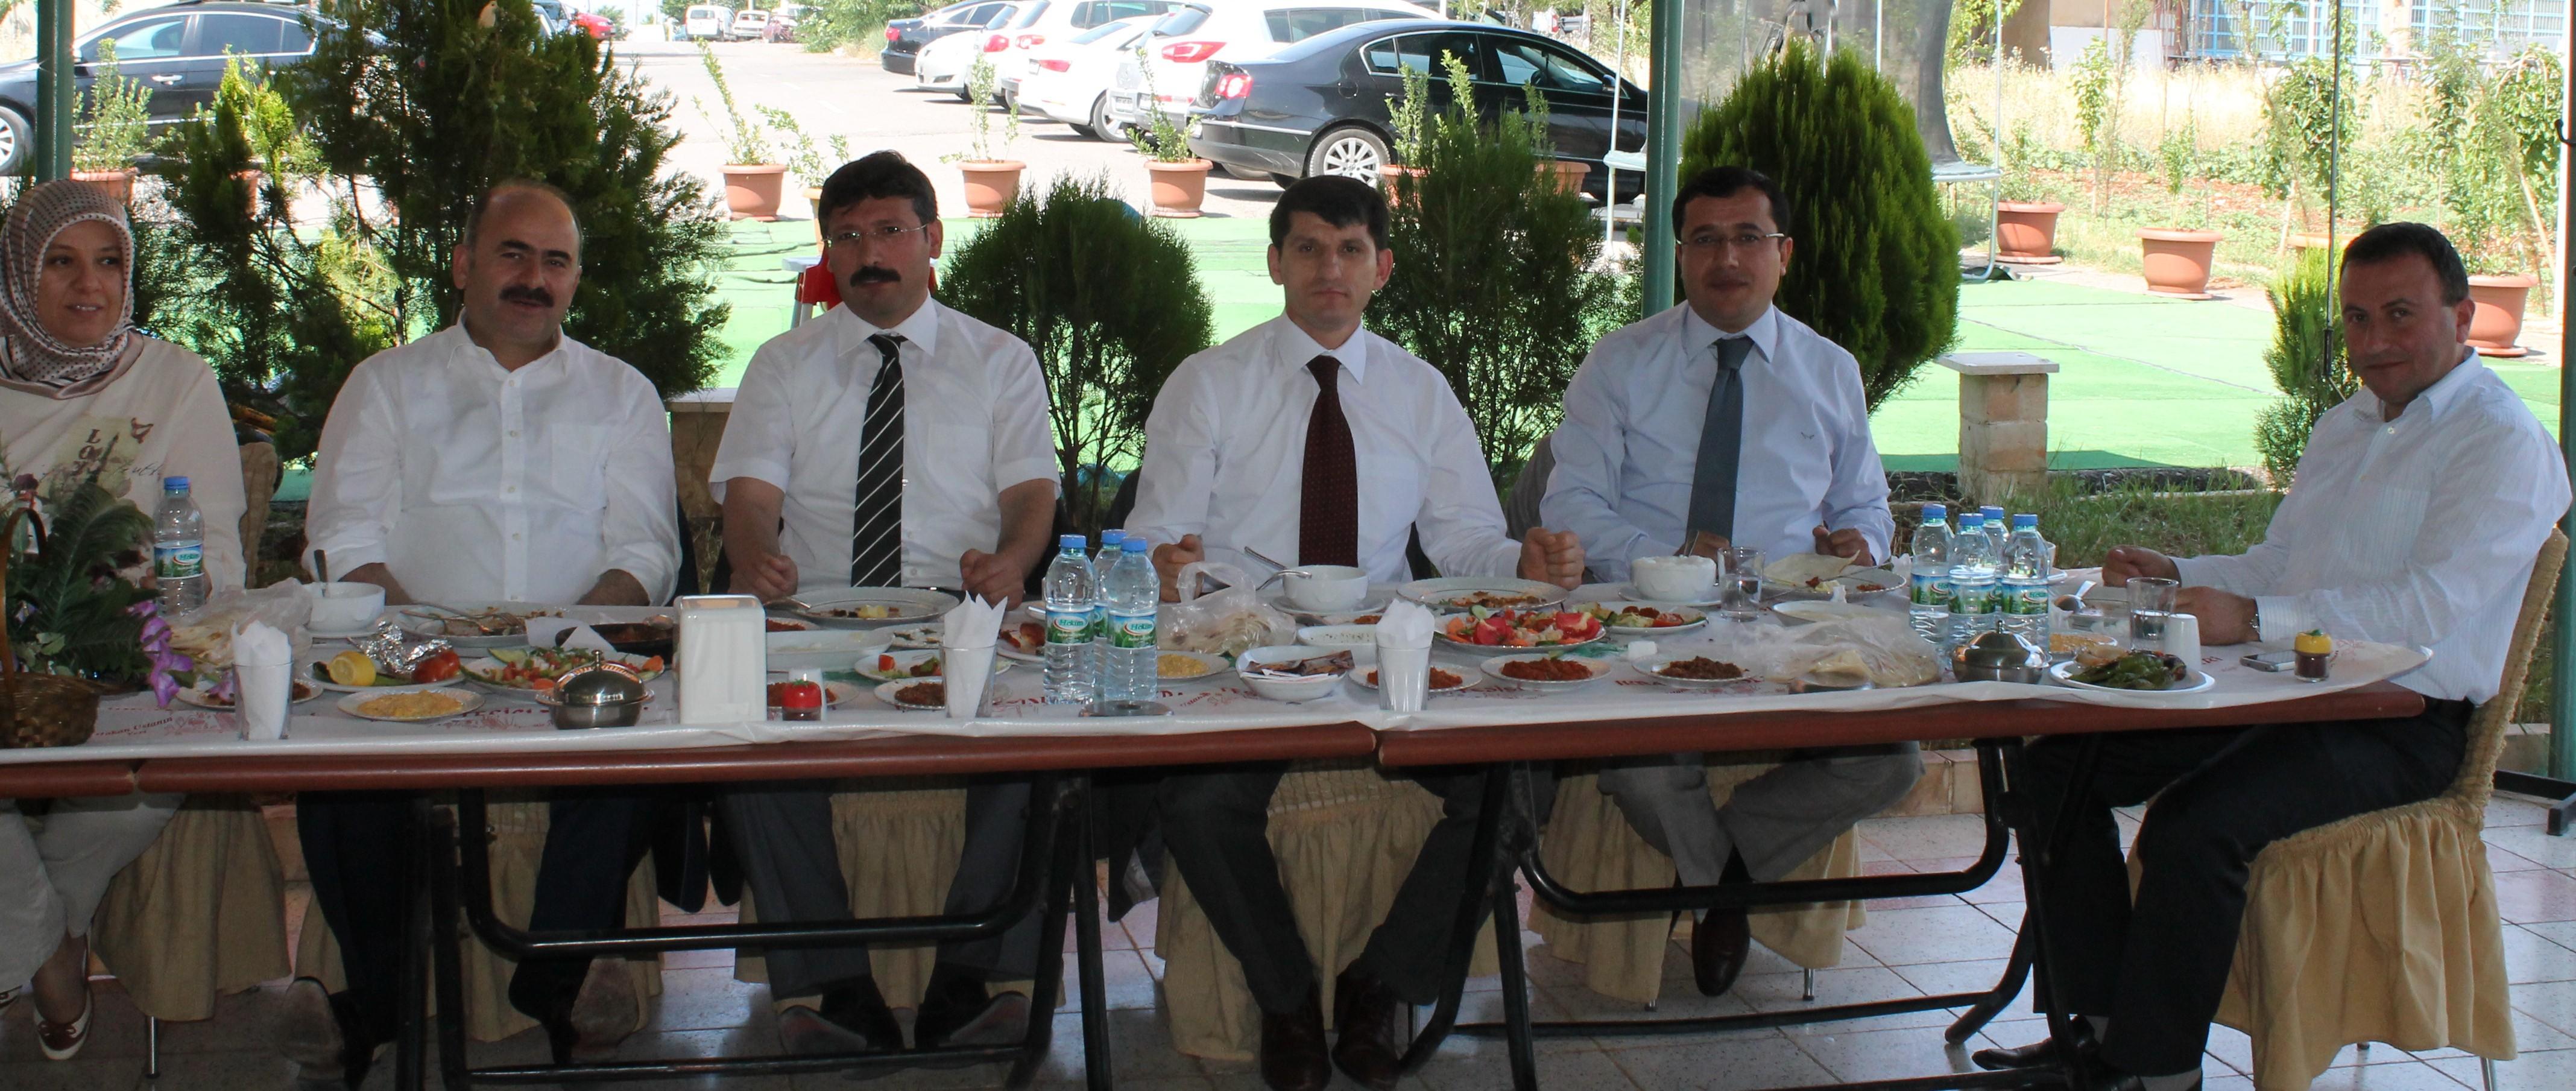 Siirt Valisi Sayın Ahmet AYDIN Siirt ilinde görevini tamamlayarak ayrılmaları nedeniyle, Baromuzca onurlarına yemek verildi